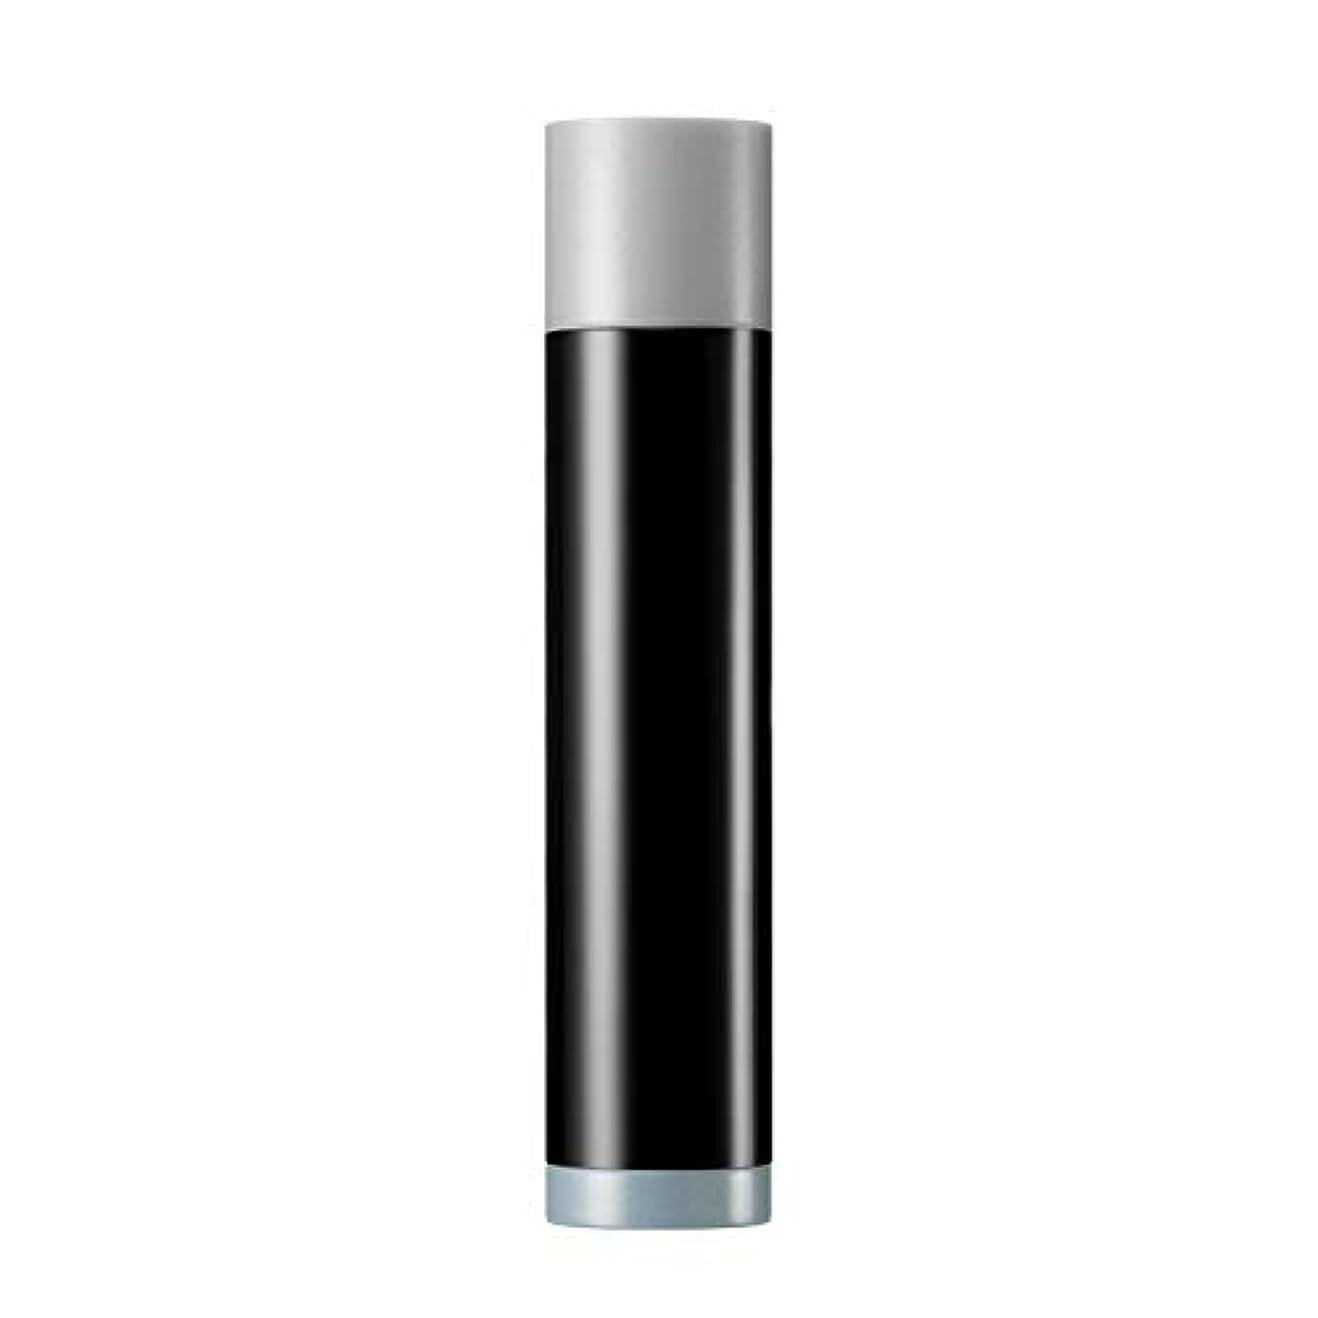 ヴィセ リシェ パウダーチップ アイカラー BL-10 シマーブルー 0.6g